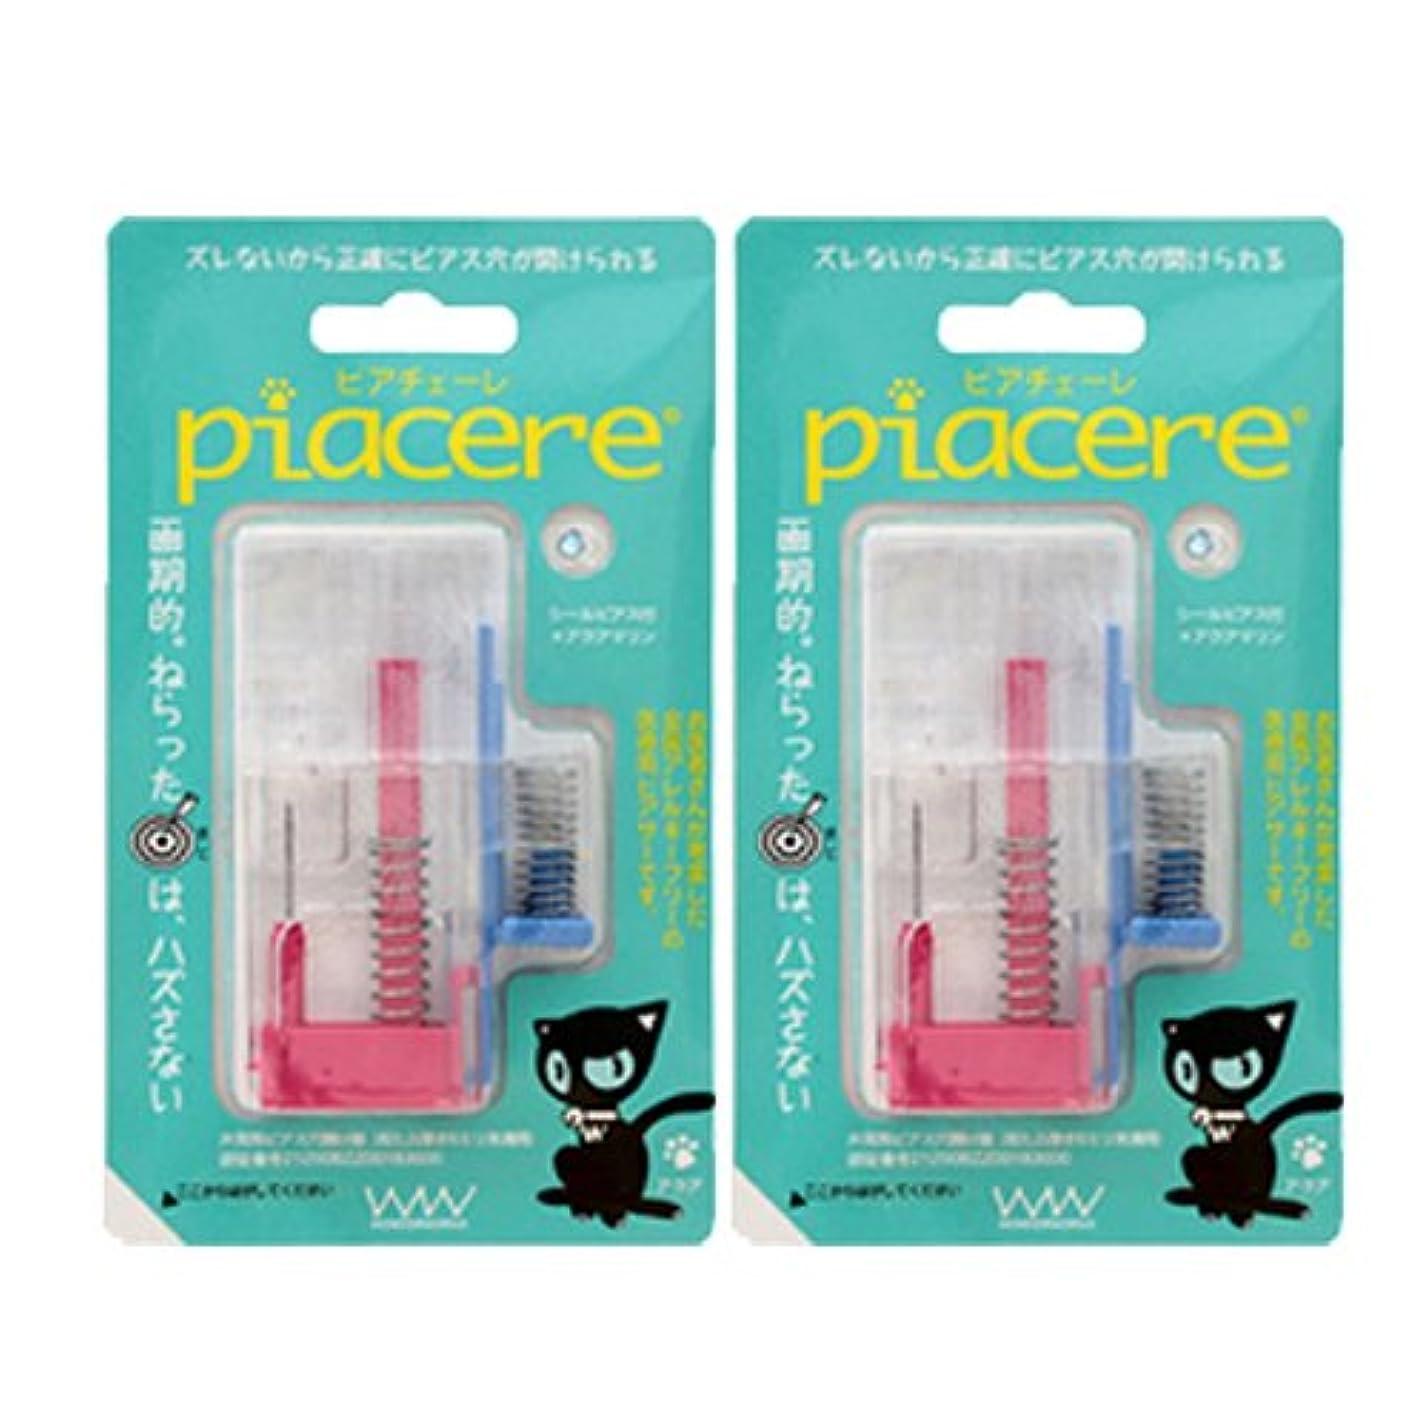 初期デマンドパターンピアッサー ピアチェーレ 医療用樹脂製ピアサー piacere 2個セット (アクアマリンxアクアマリン) | 両耳用